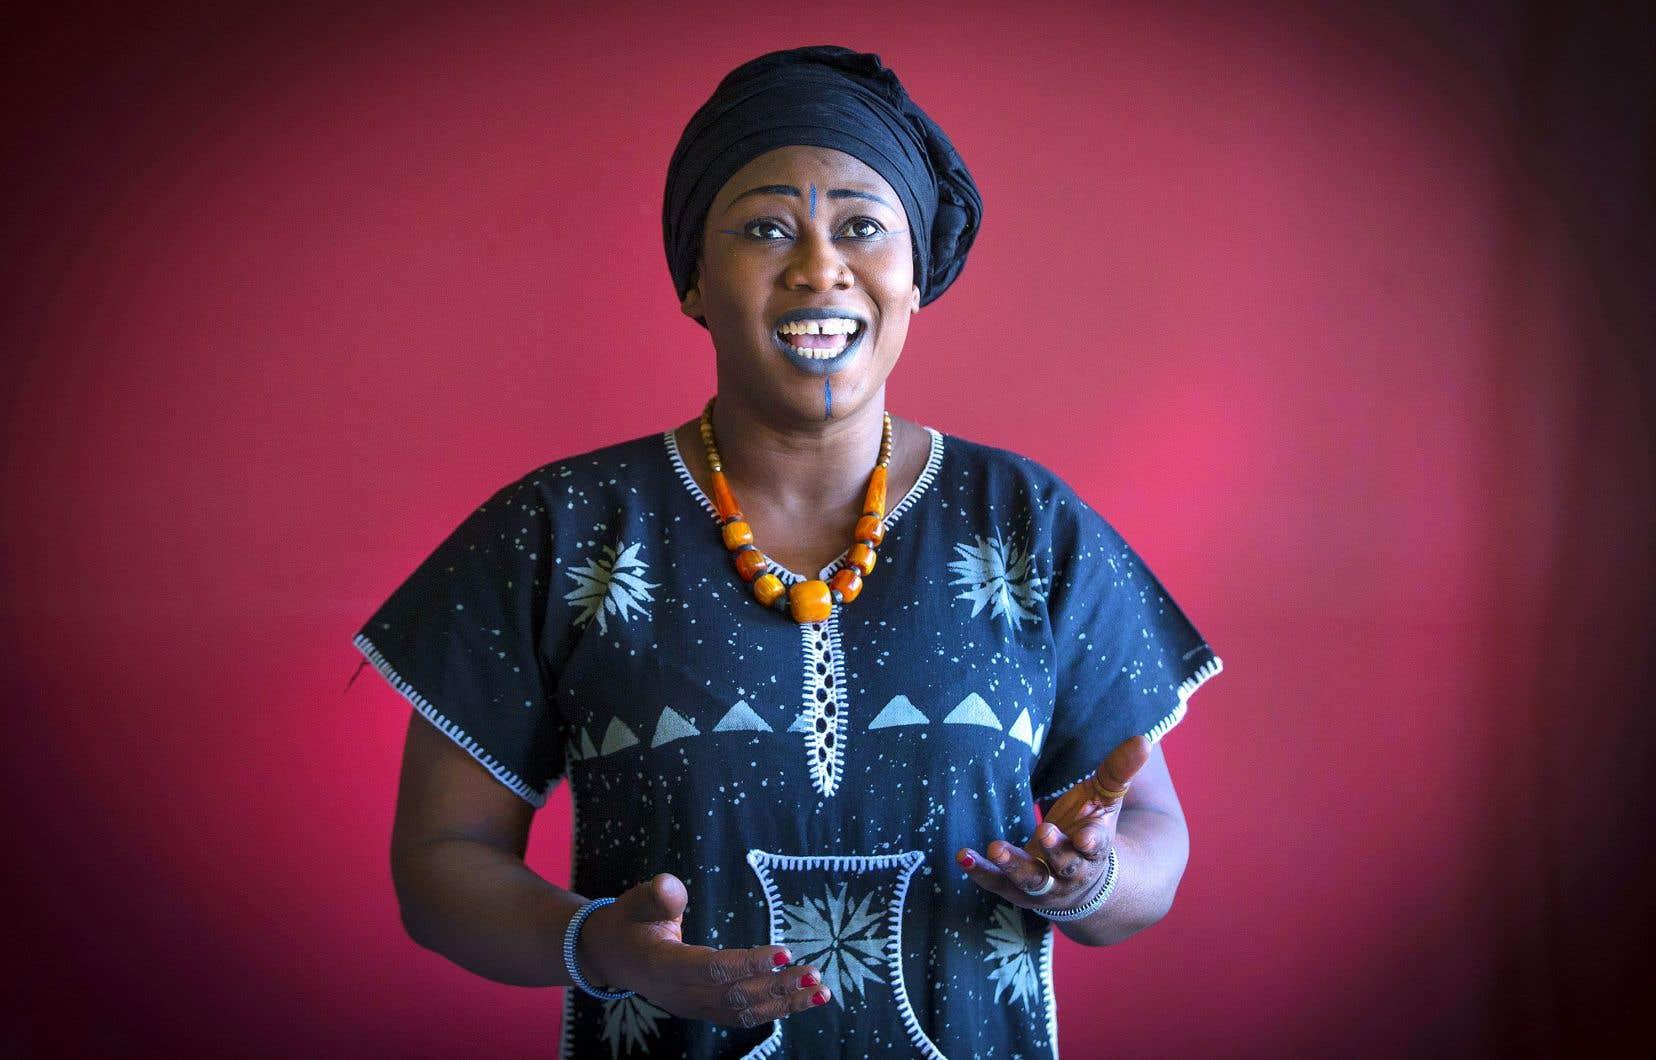 En spectacle comme pour la photo, Dejly Tapa aime bien se maquiller à la façon traditionnelle malienne, même si elle n'utilise pas des traits propres à une région donnée.